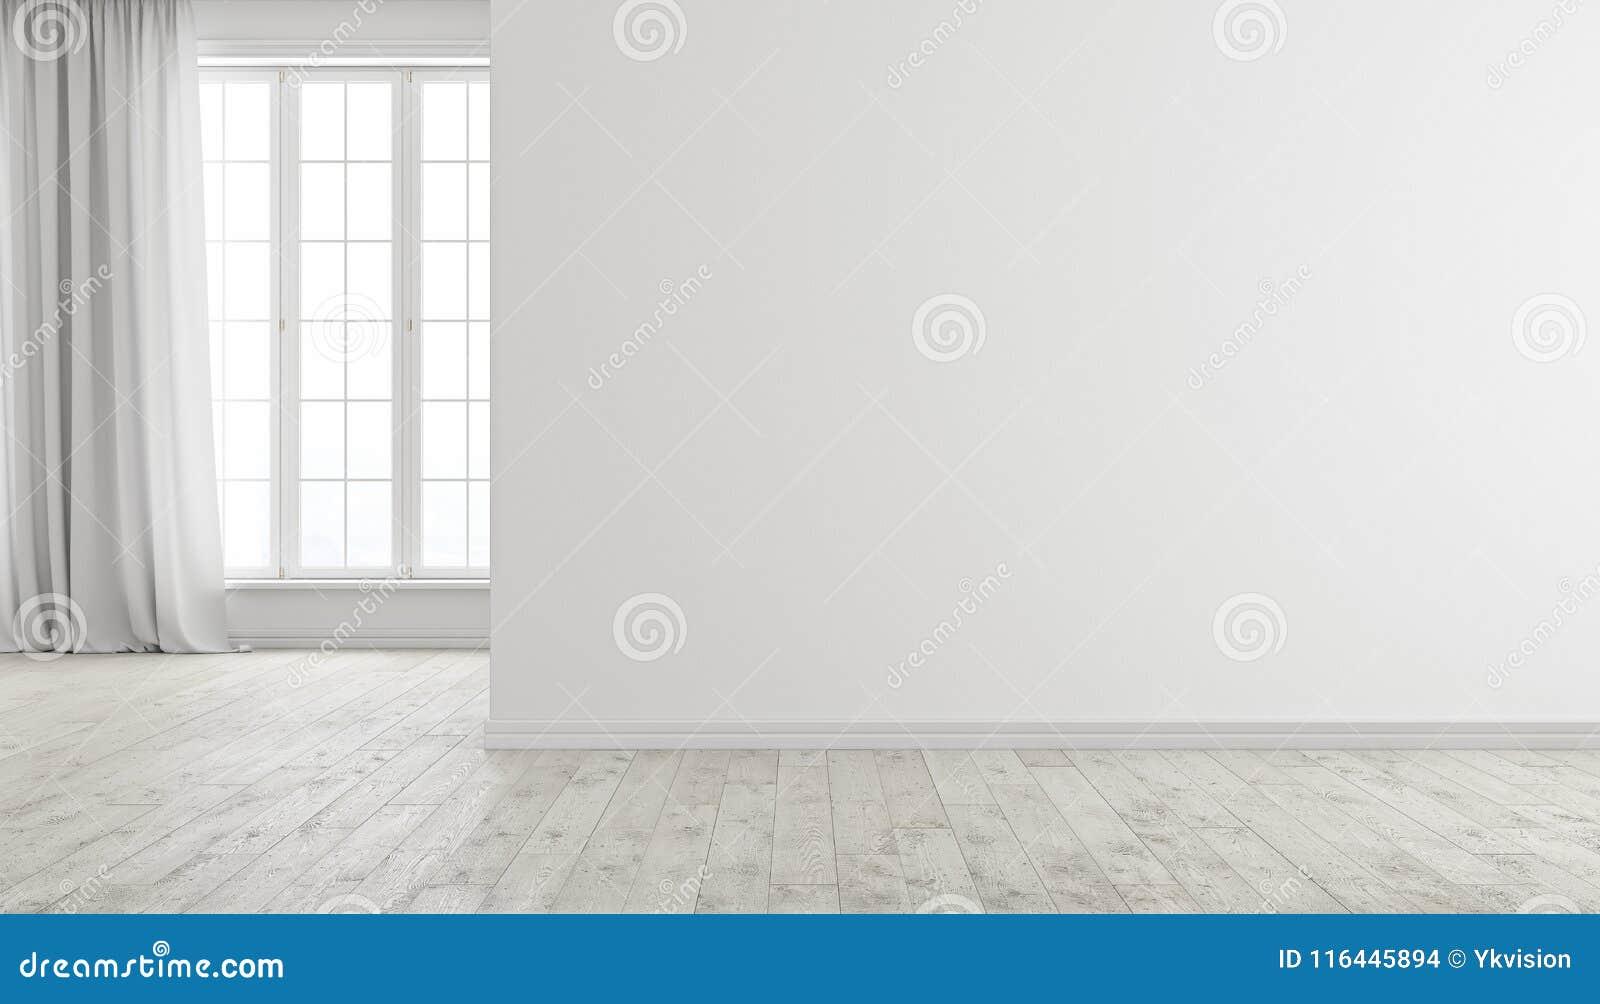 Heller Holzfußboden ~ Weißer moderner heller leerer rauminnenraum mit fenster